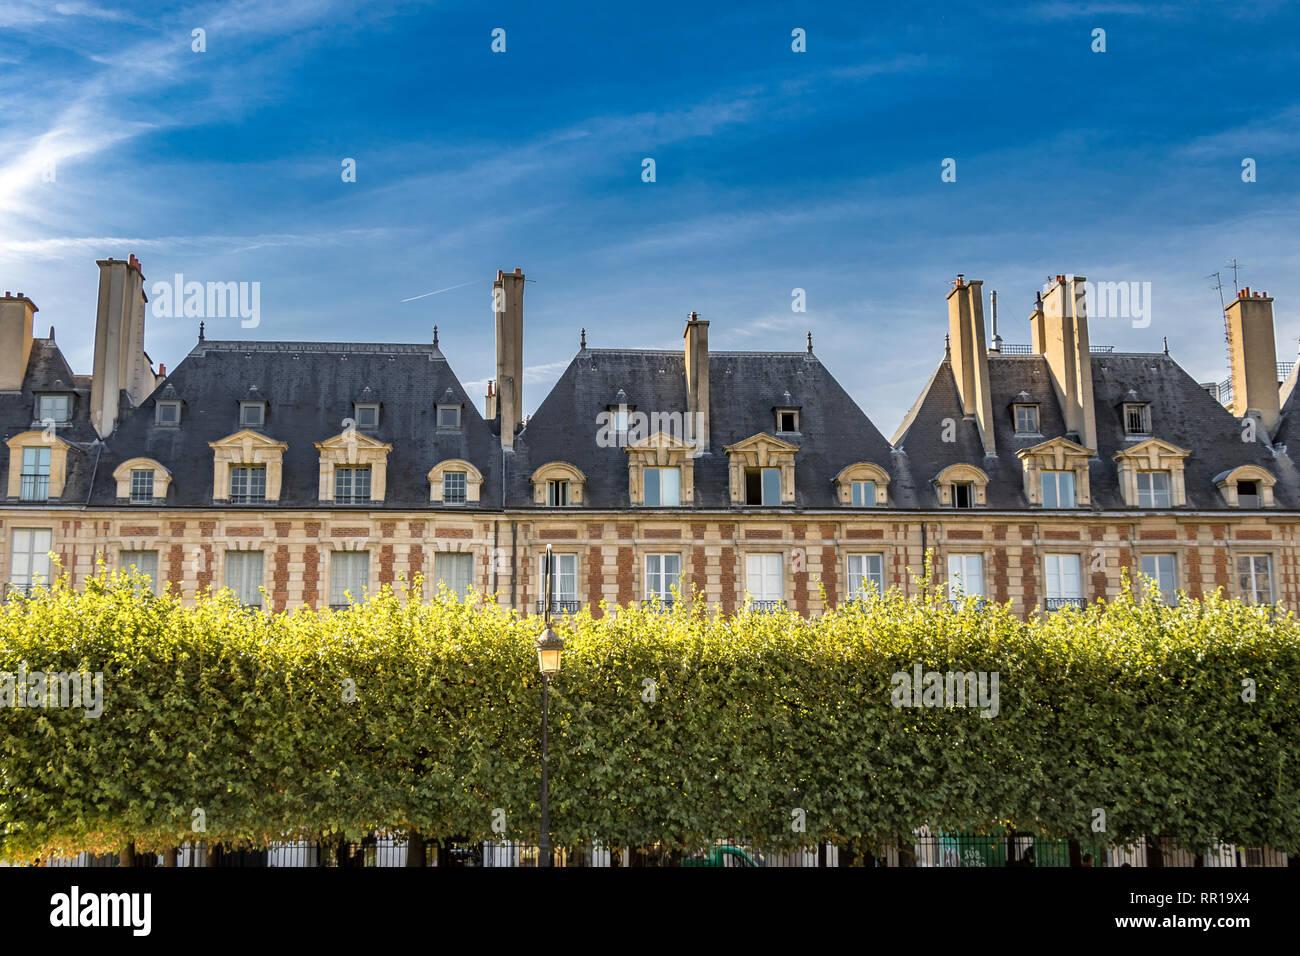 Place des Vosges Le Marais.Paris - Stock Image